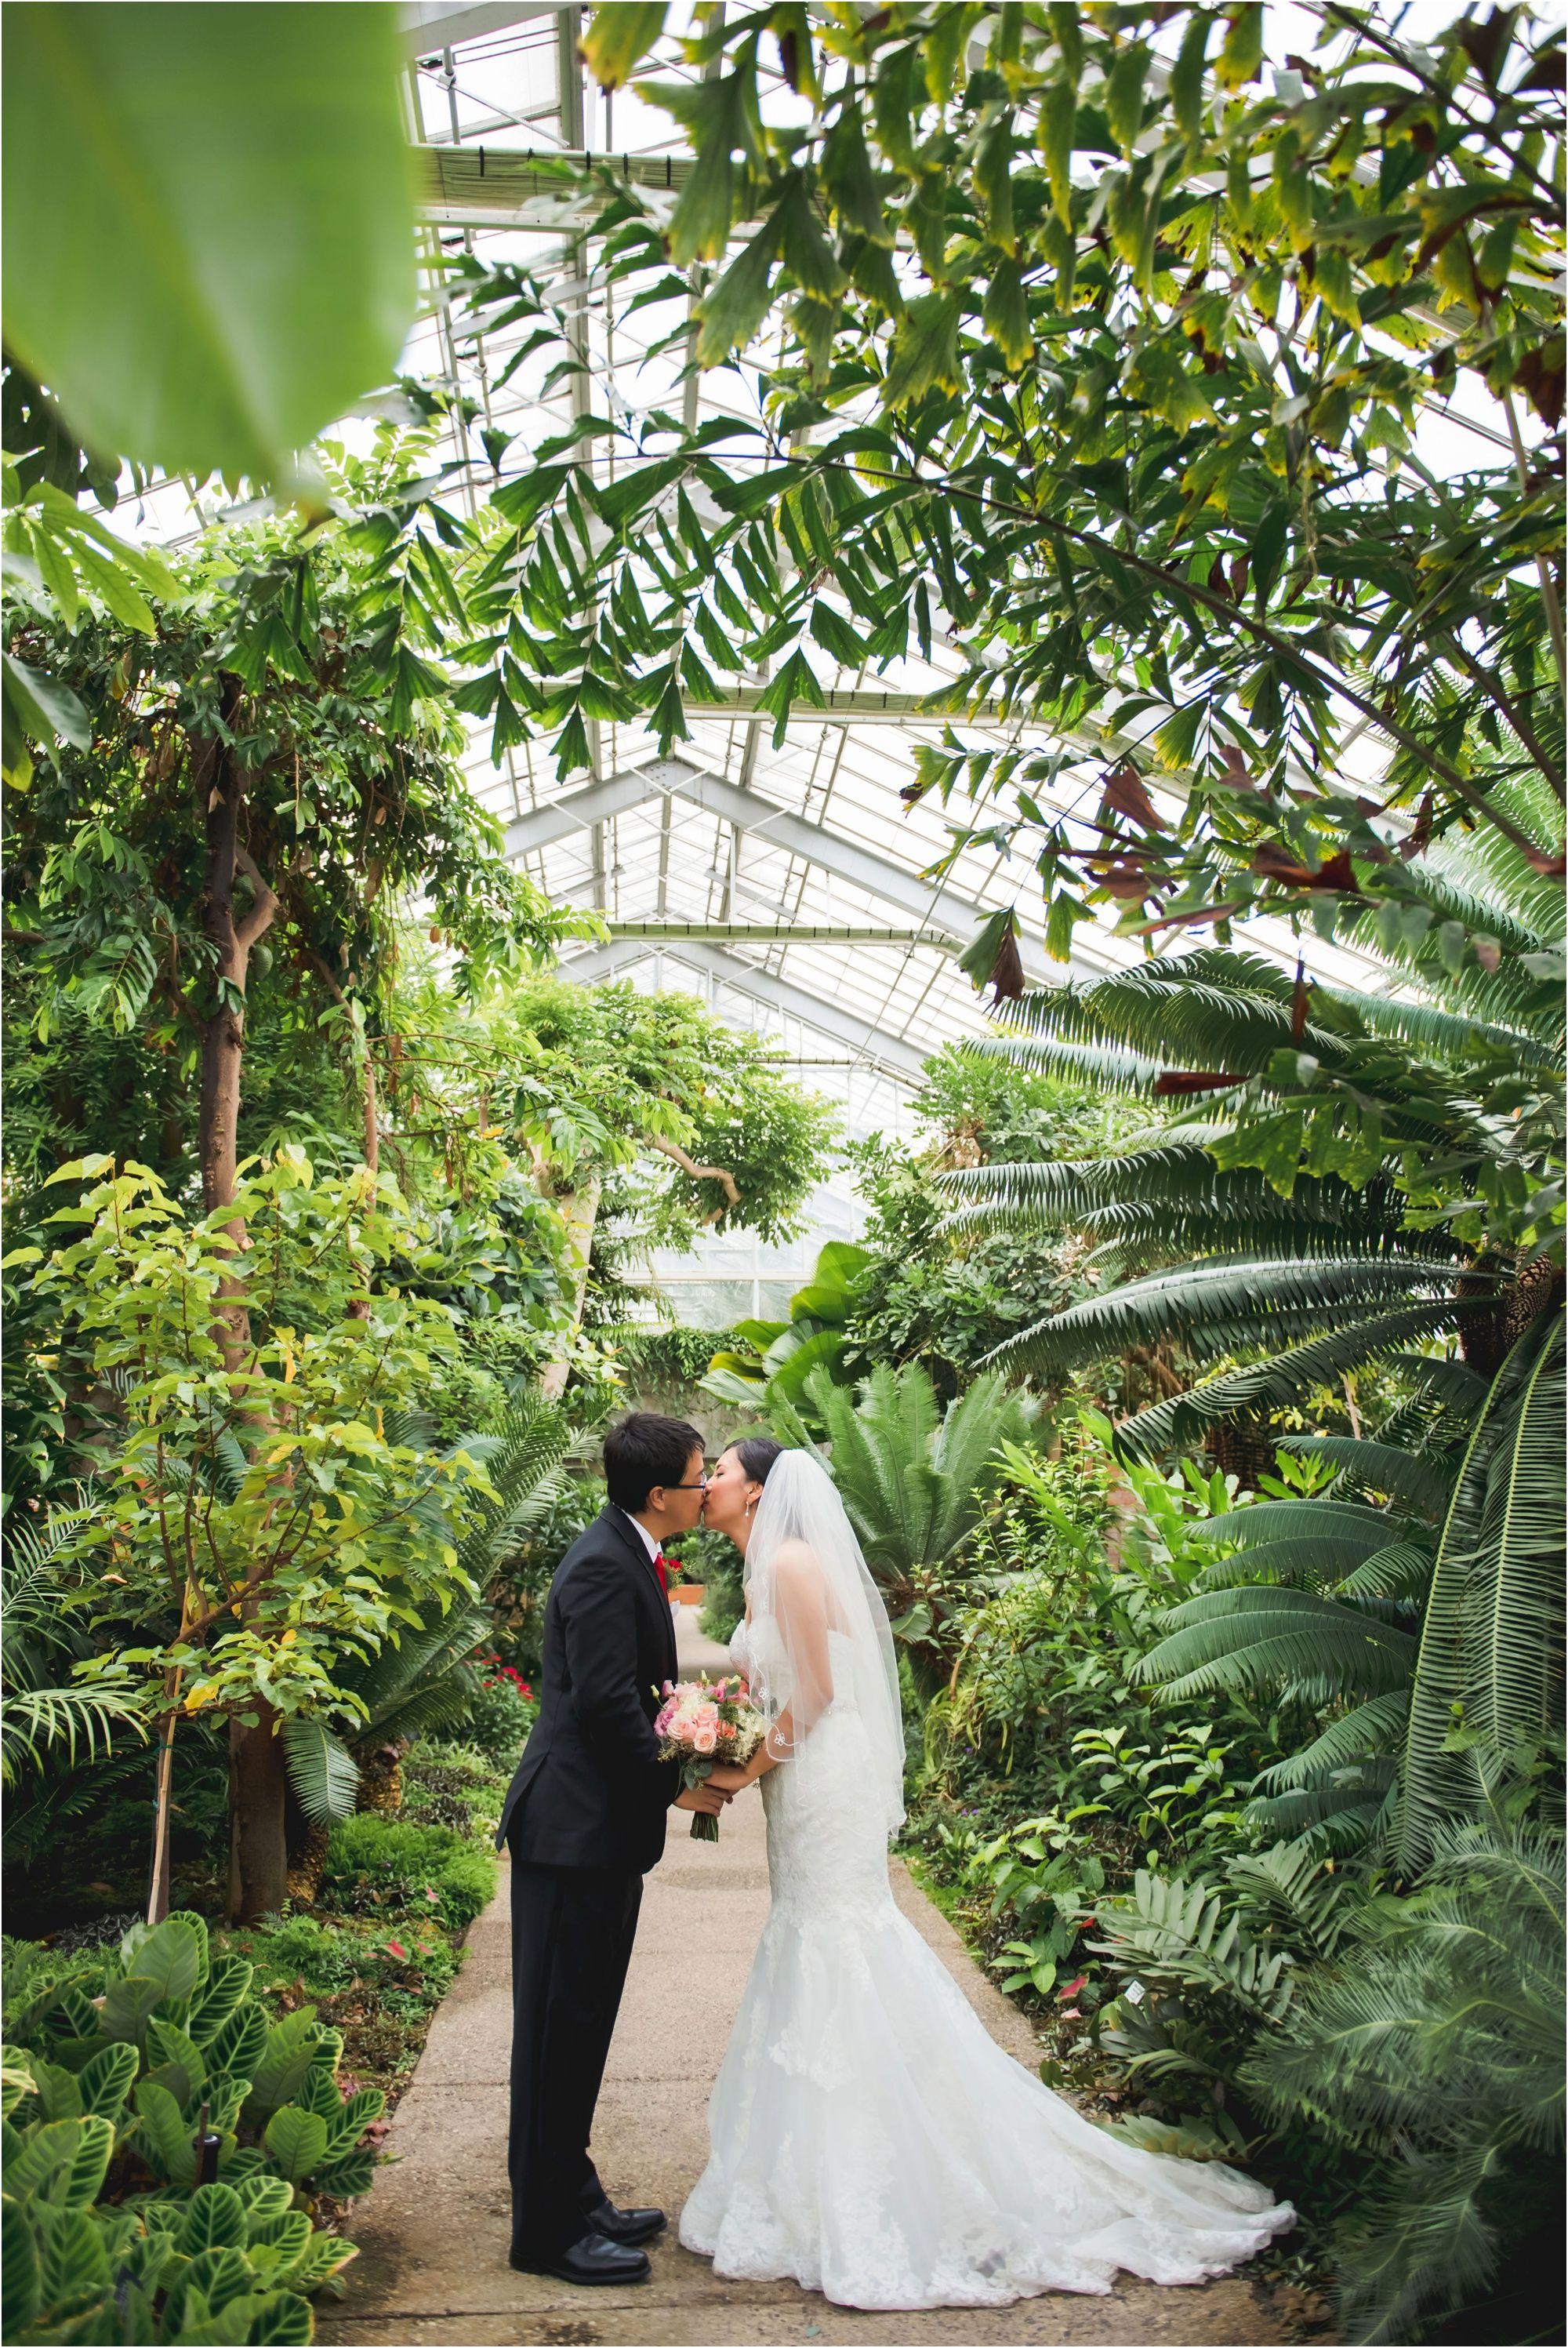 E Schmidt Photography Matthaei Botanical Garden Wedding Botanical Gardens Wedding Garden Wedding Garden Wedding Reception